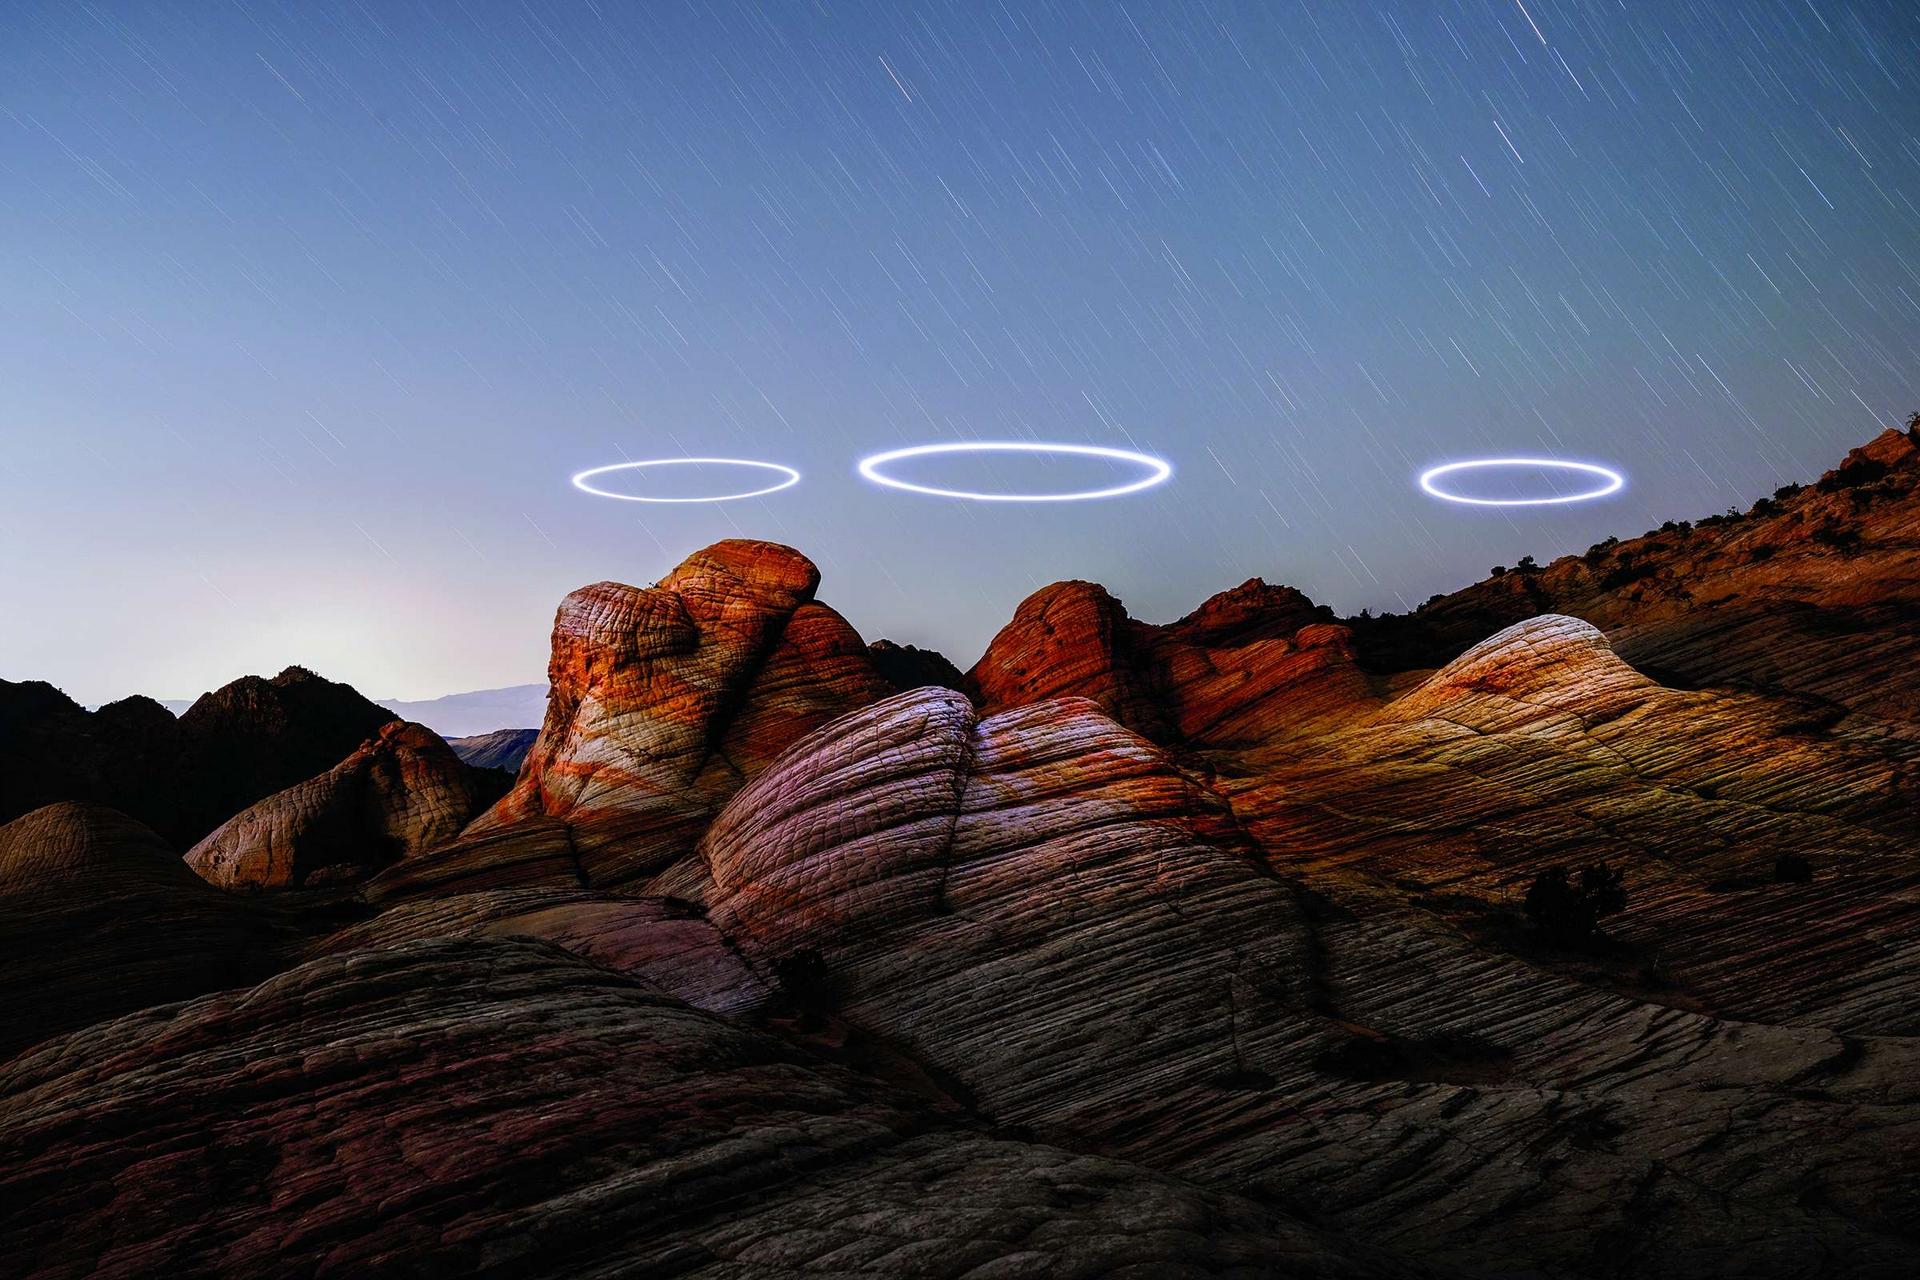 吳鴻淋讓打光的空拍機在猶他州延特高原的砂岩地層上方盤旋,然後將數張長曝光的照片結合成這張影像。攝影:吳鴻淋